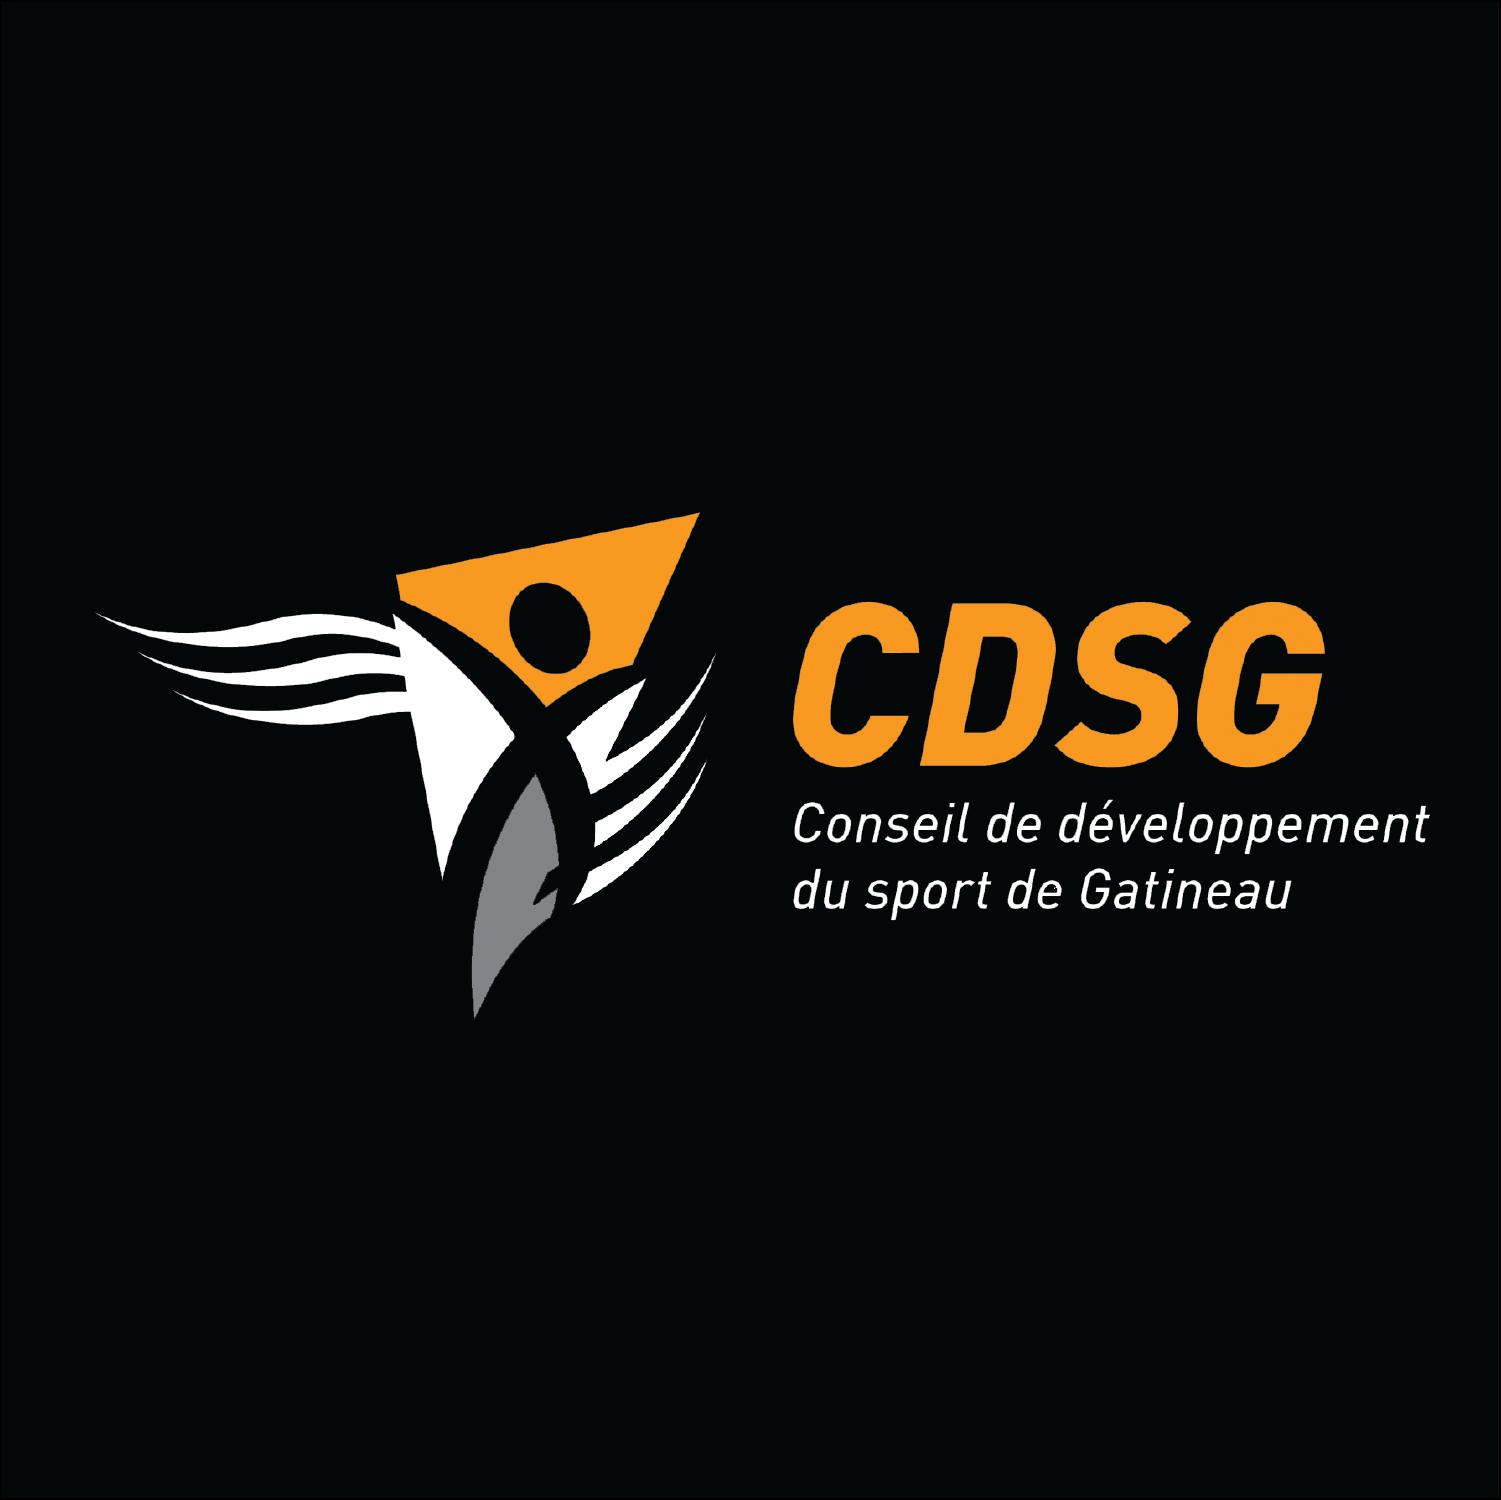 ….Athletic Services in Gatineau promoting the achievement of optimal performance at all levels of competition..Services d'athlétisme à Gatineau favorisant l'atteinte d'une performance optimale à tous les niveaux de compétition….